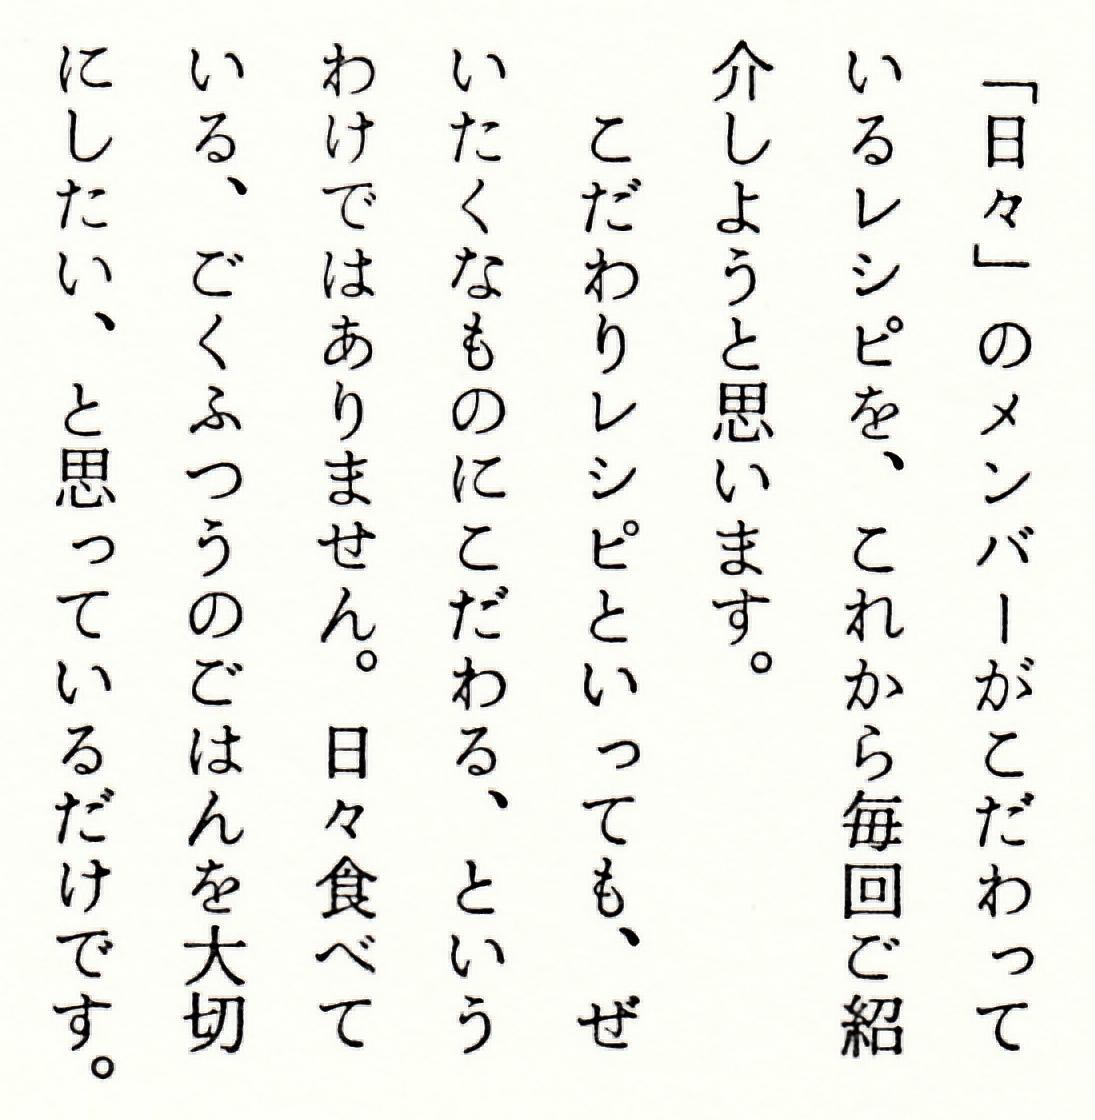 6_日々1_t.jpg